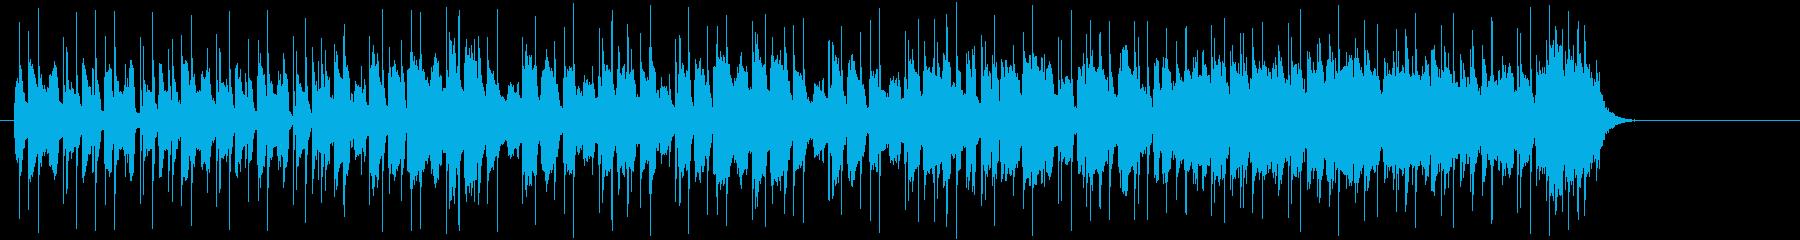 アウトローなギターマイナーブルースロックの再生済みの波形